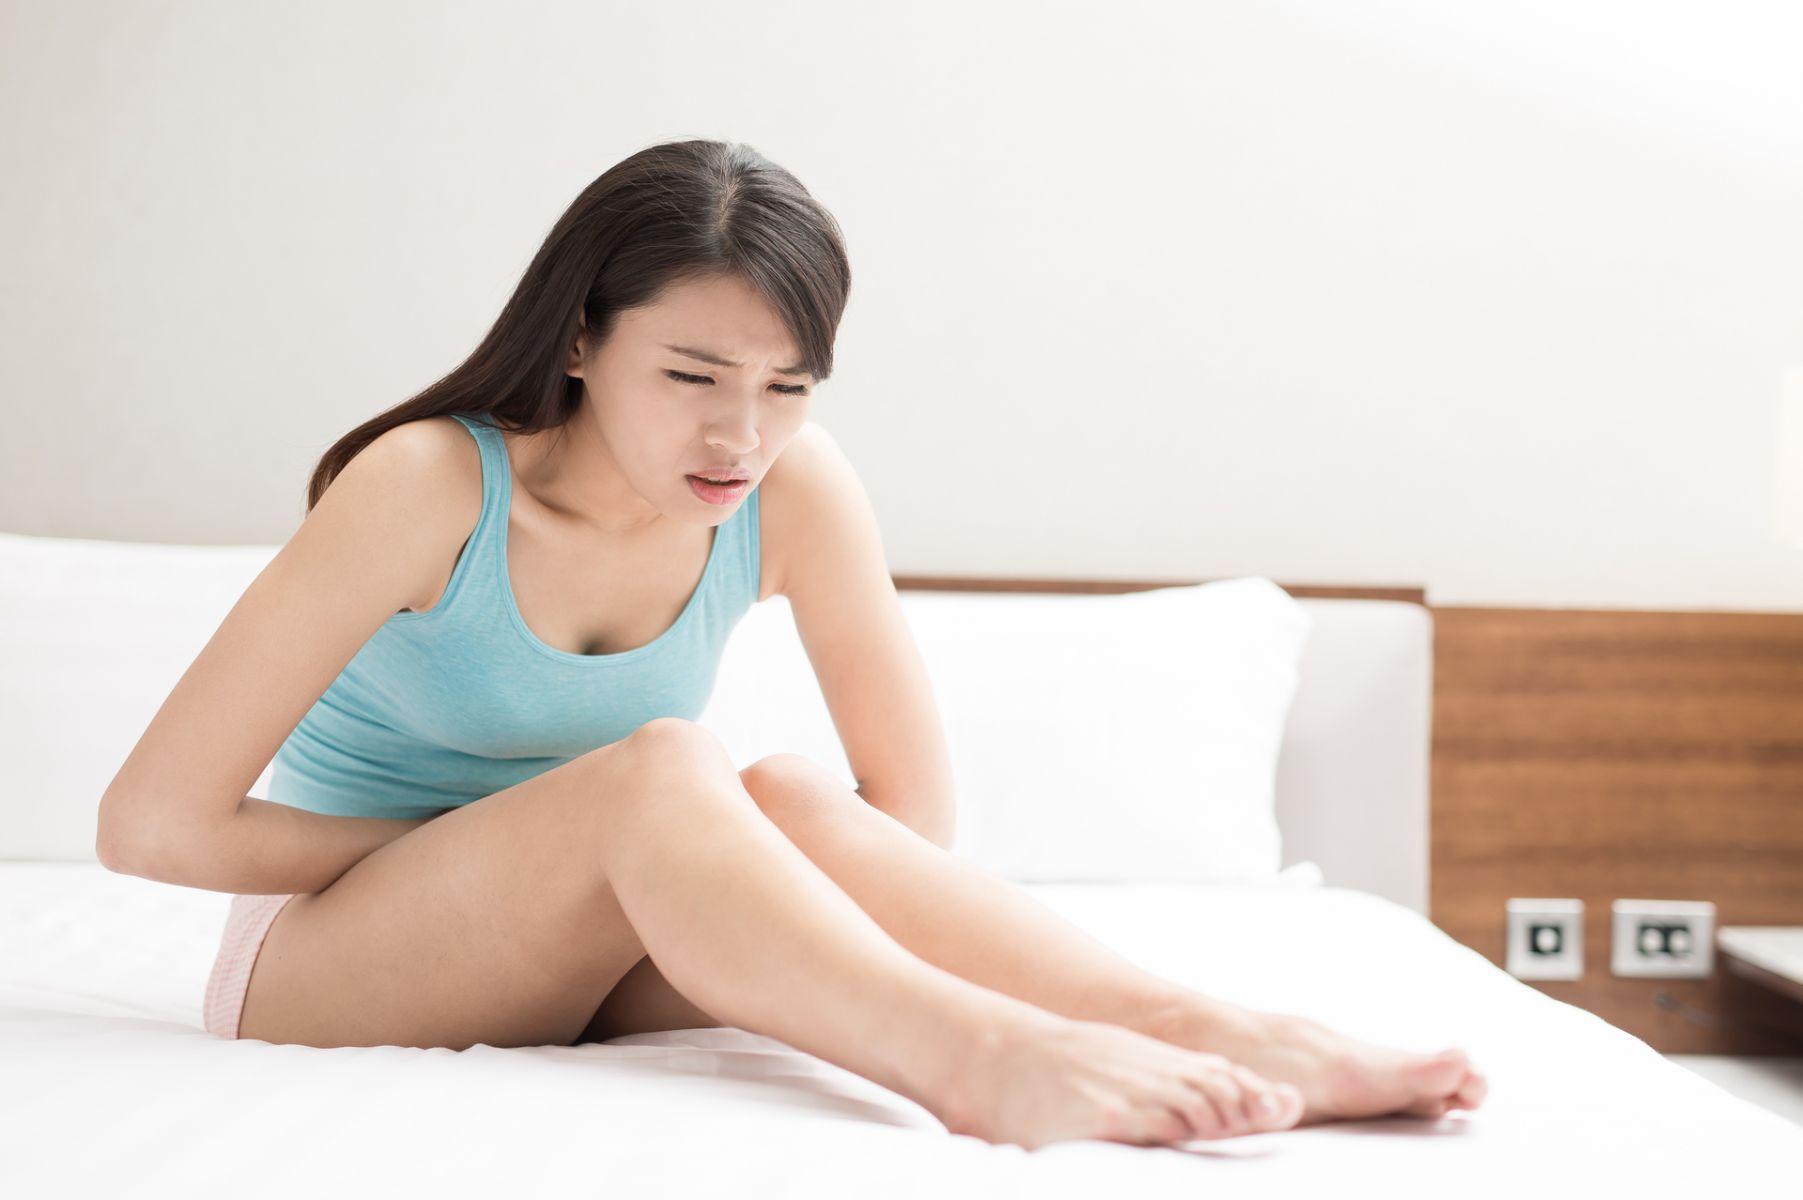 別再憋尿!女生膀胱炎超常見,小心引起腎臟發炎